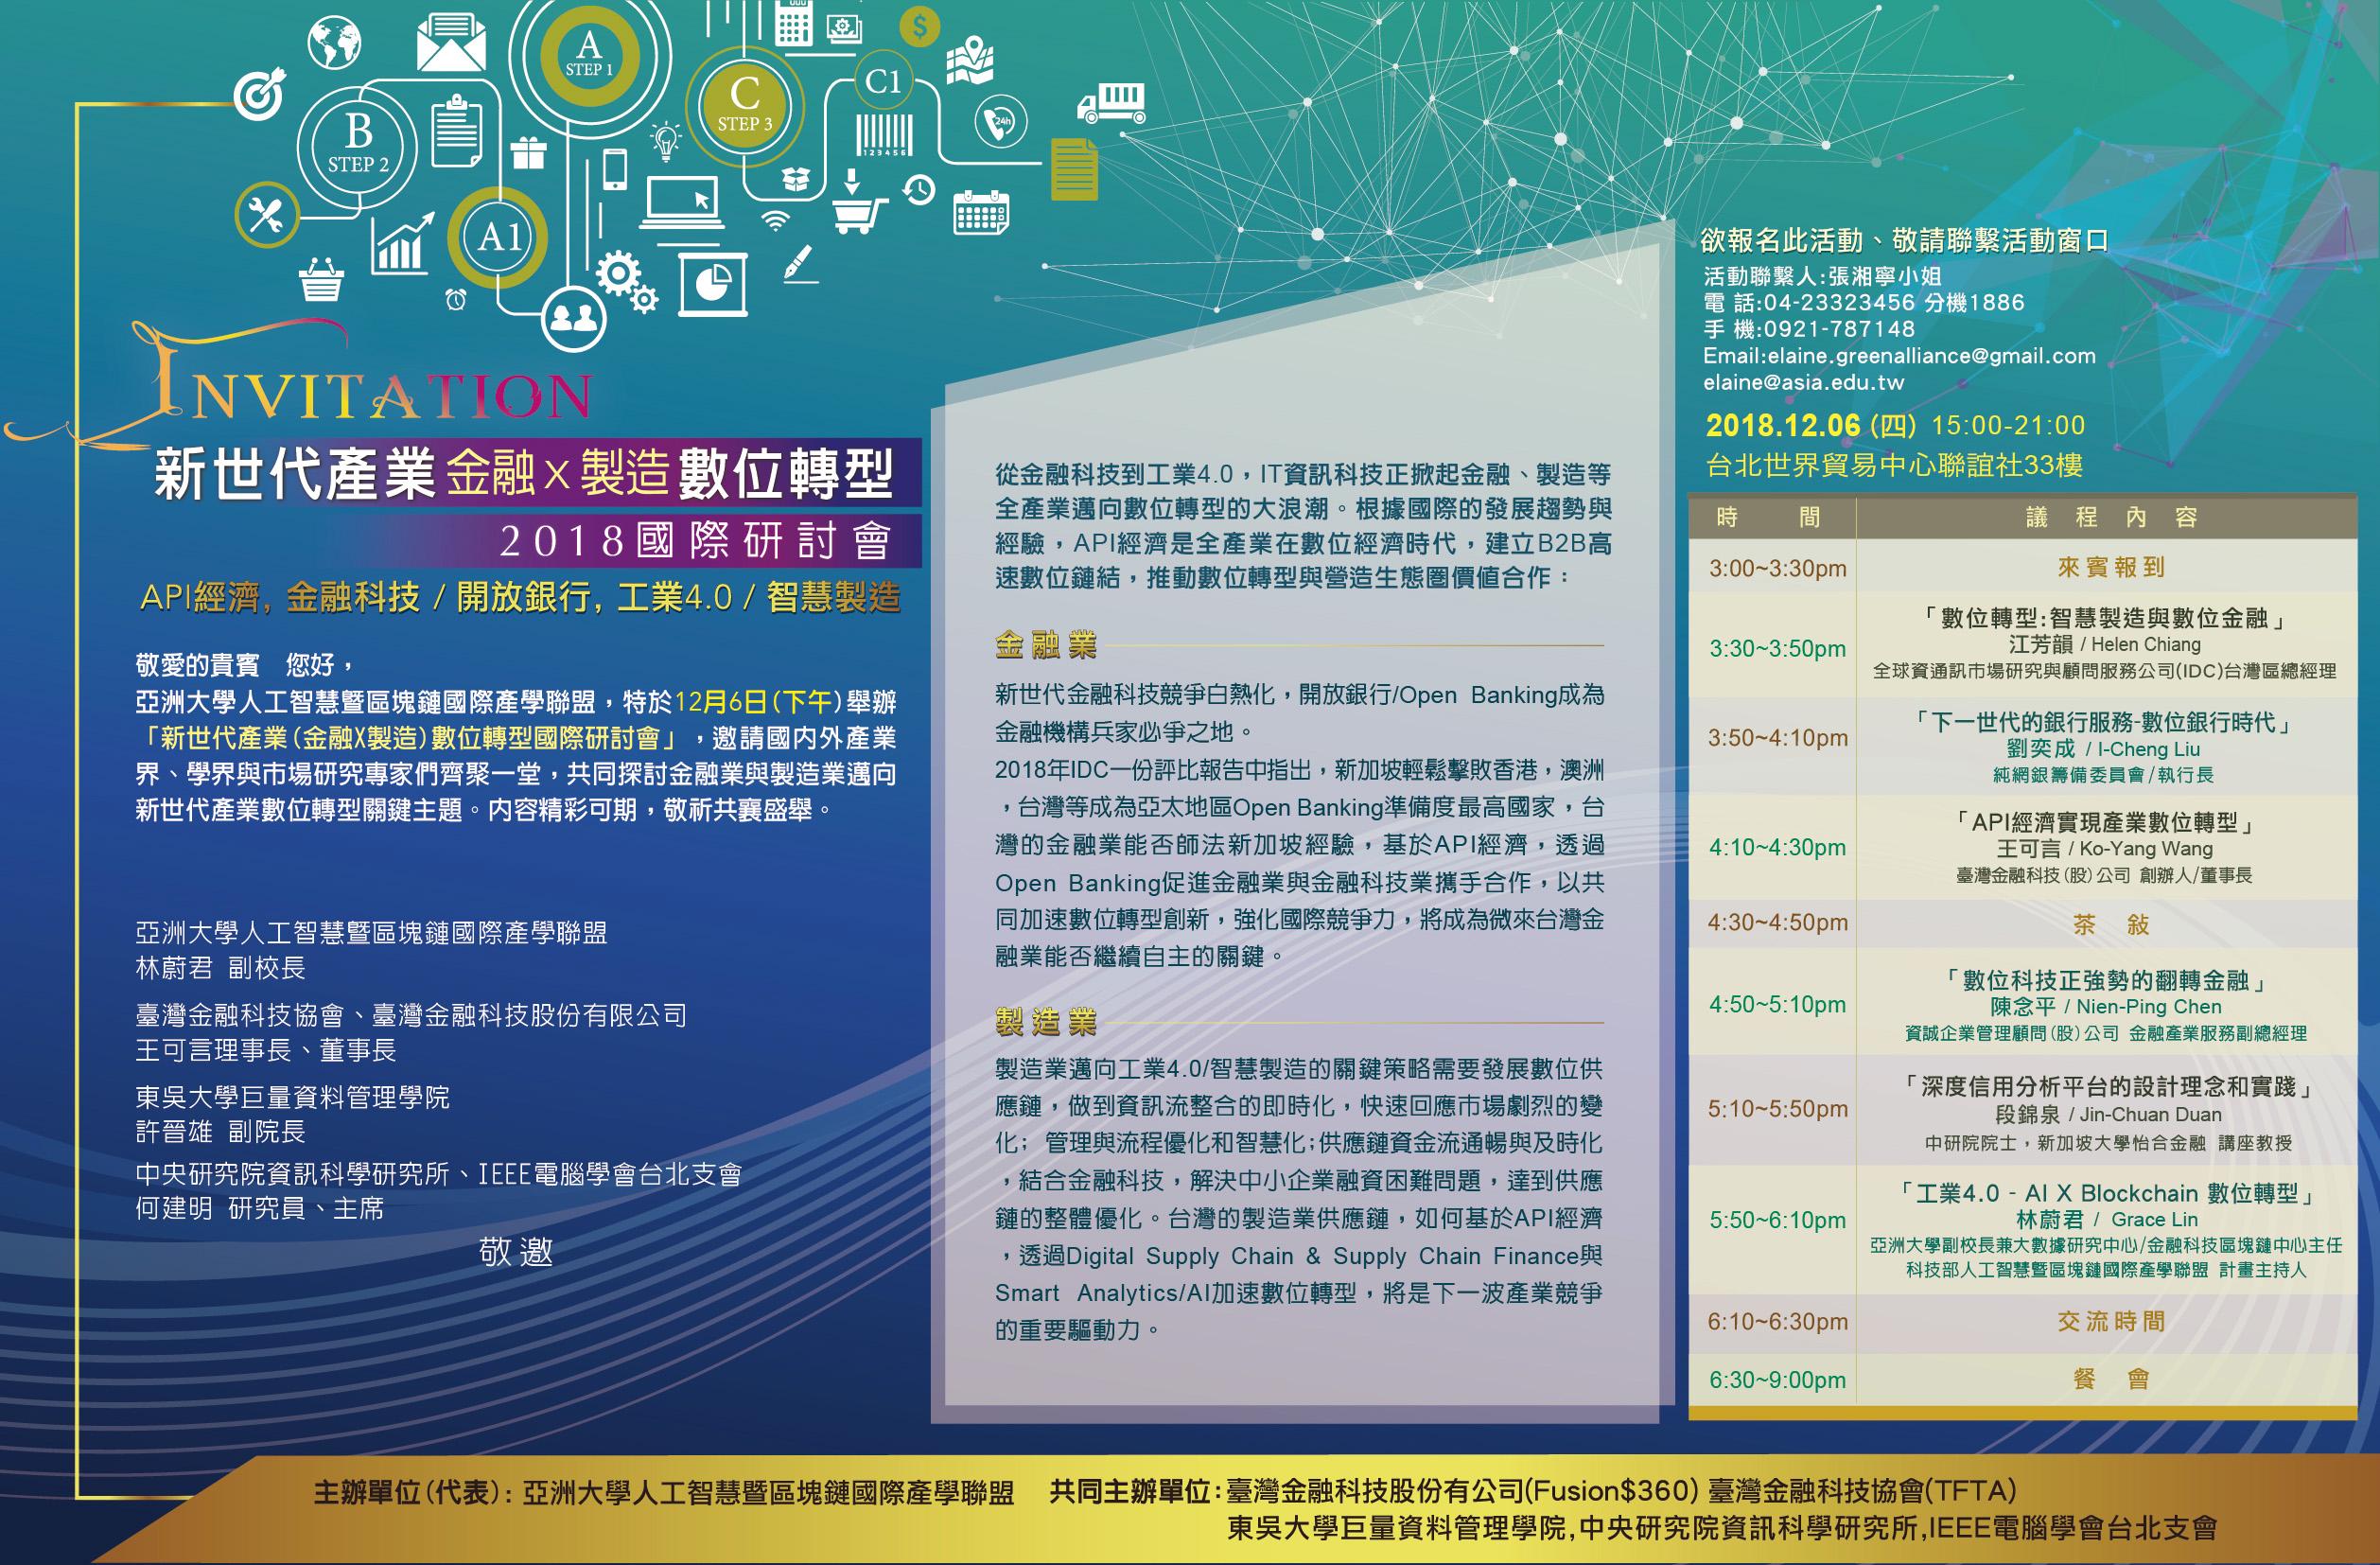 新世代產業(金融X製造)數位轉型